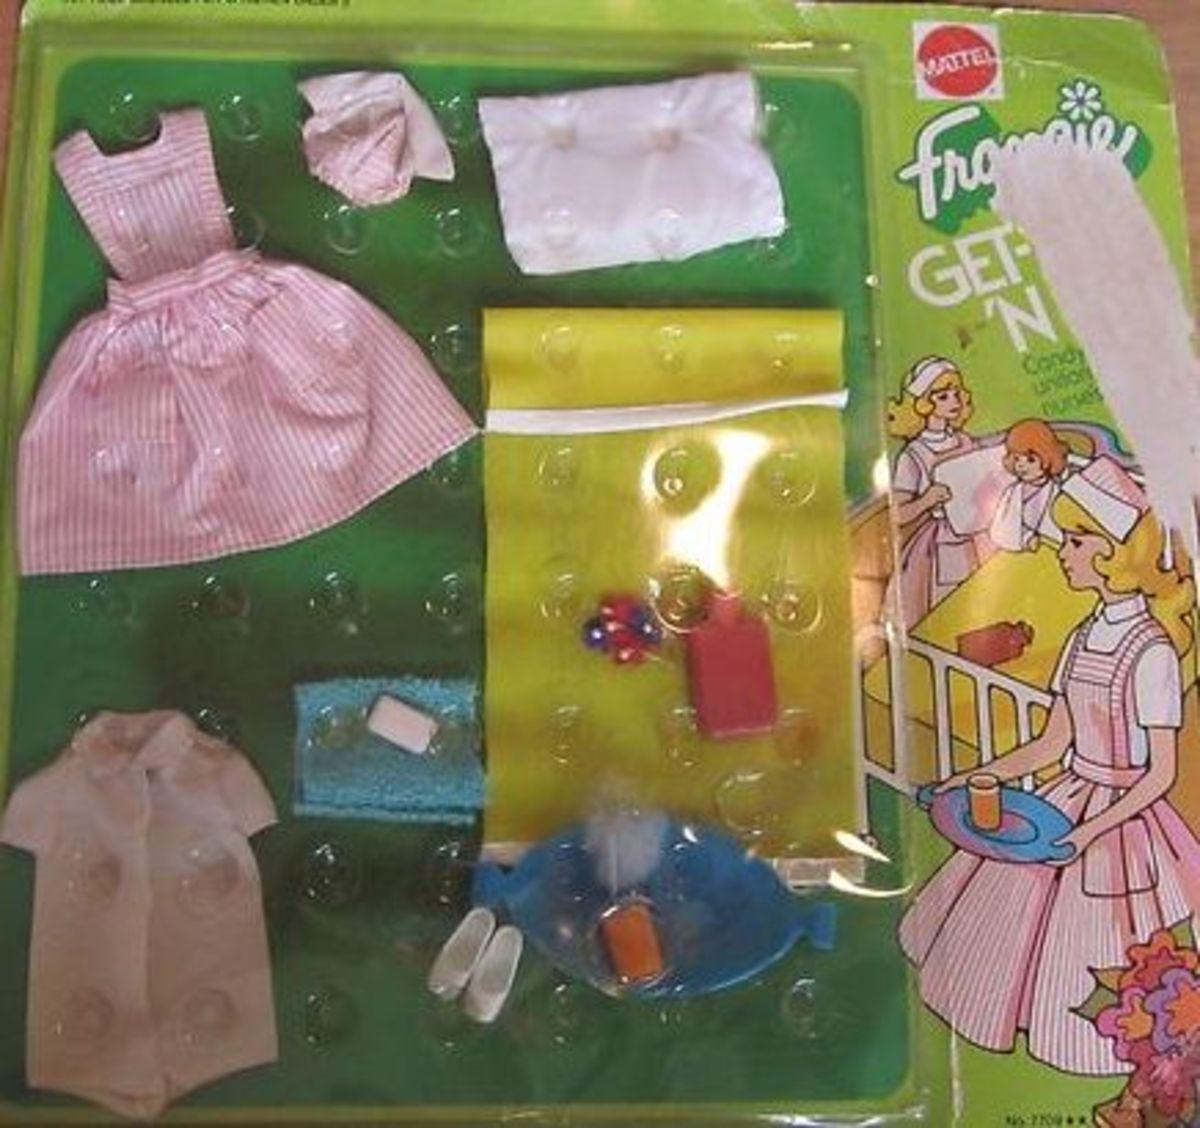 Francie Doll Get Ups 'N Go # 7709 - Candy Striper; 1973